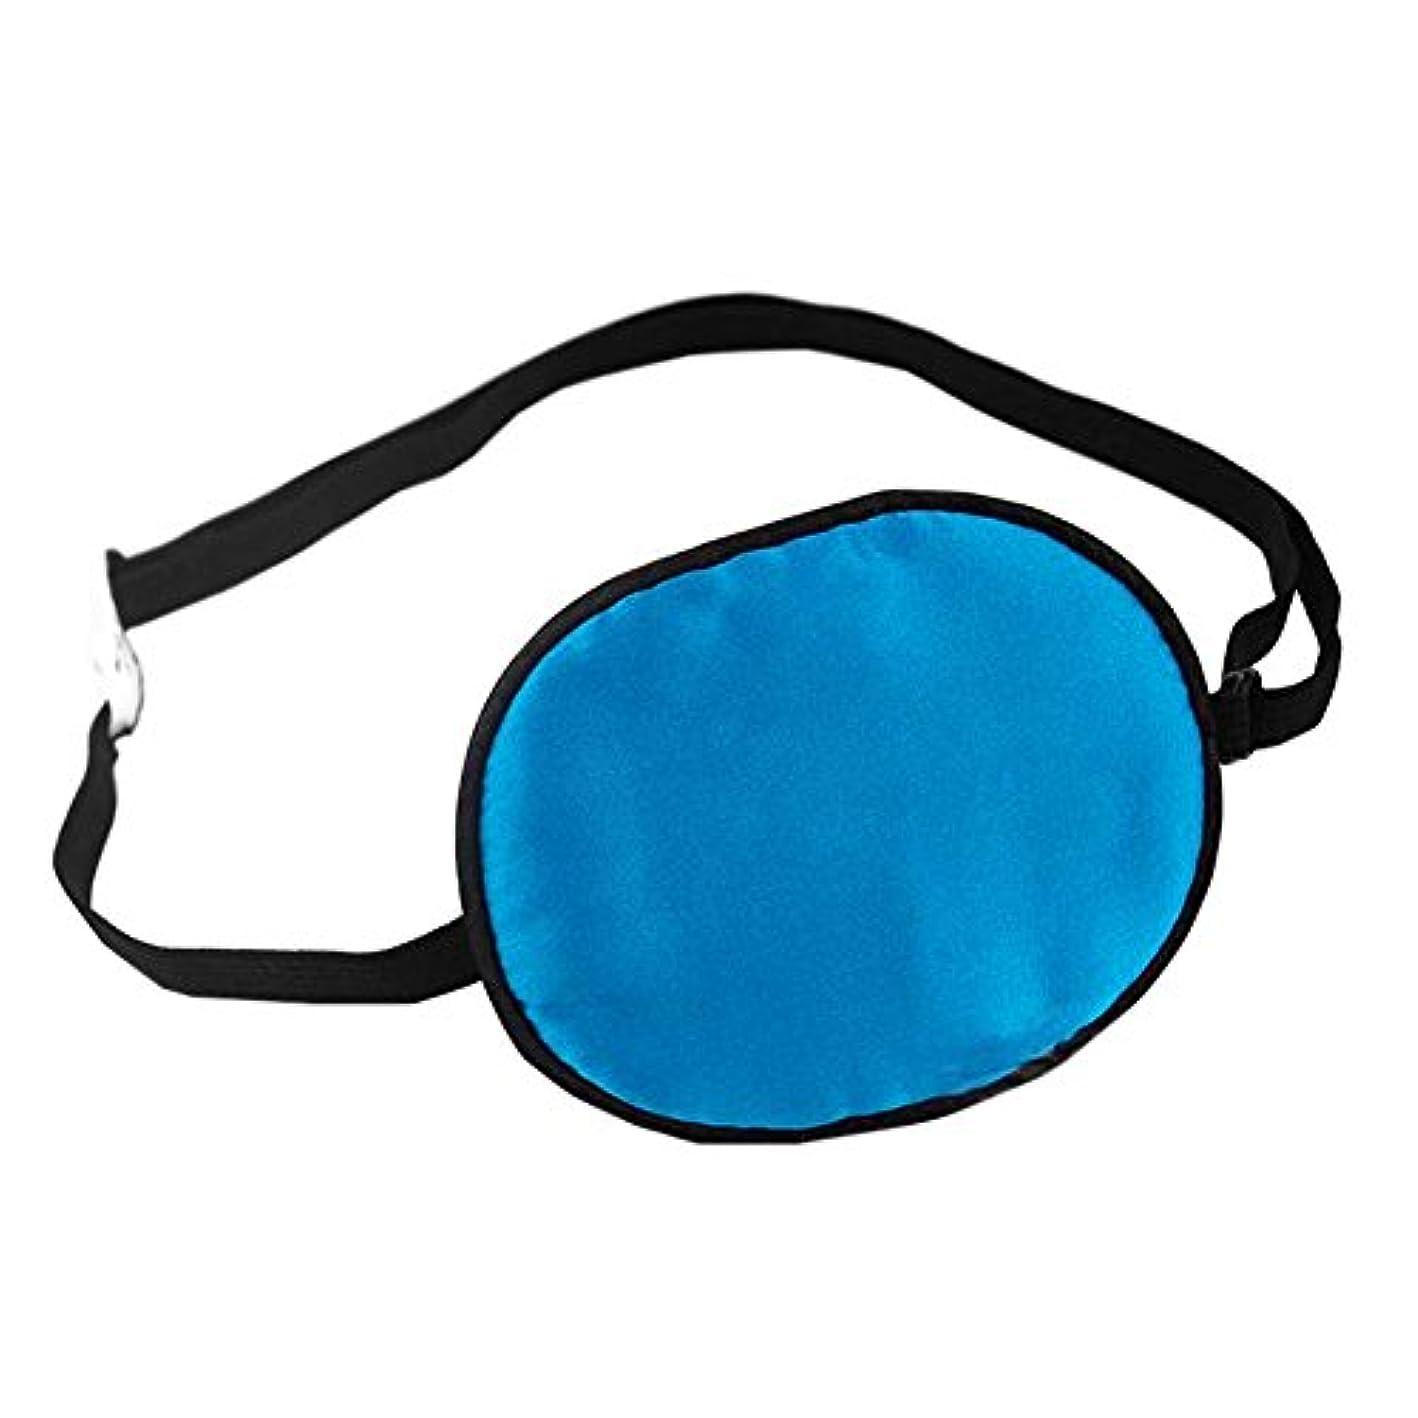 分離する懐ディスカウントメガネ用両面シルクシングルレイジーアイパッチアンビオピアトリートメントパッチ(大人サイズ)、E12